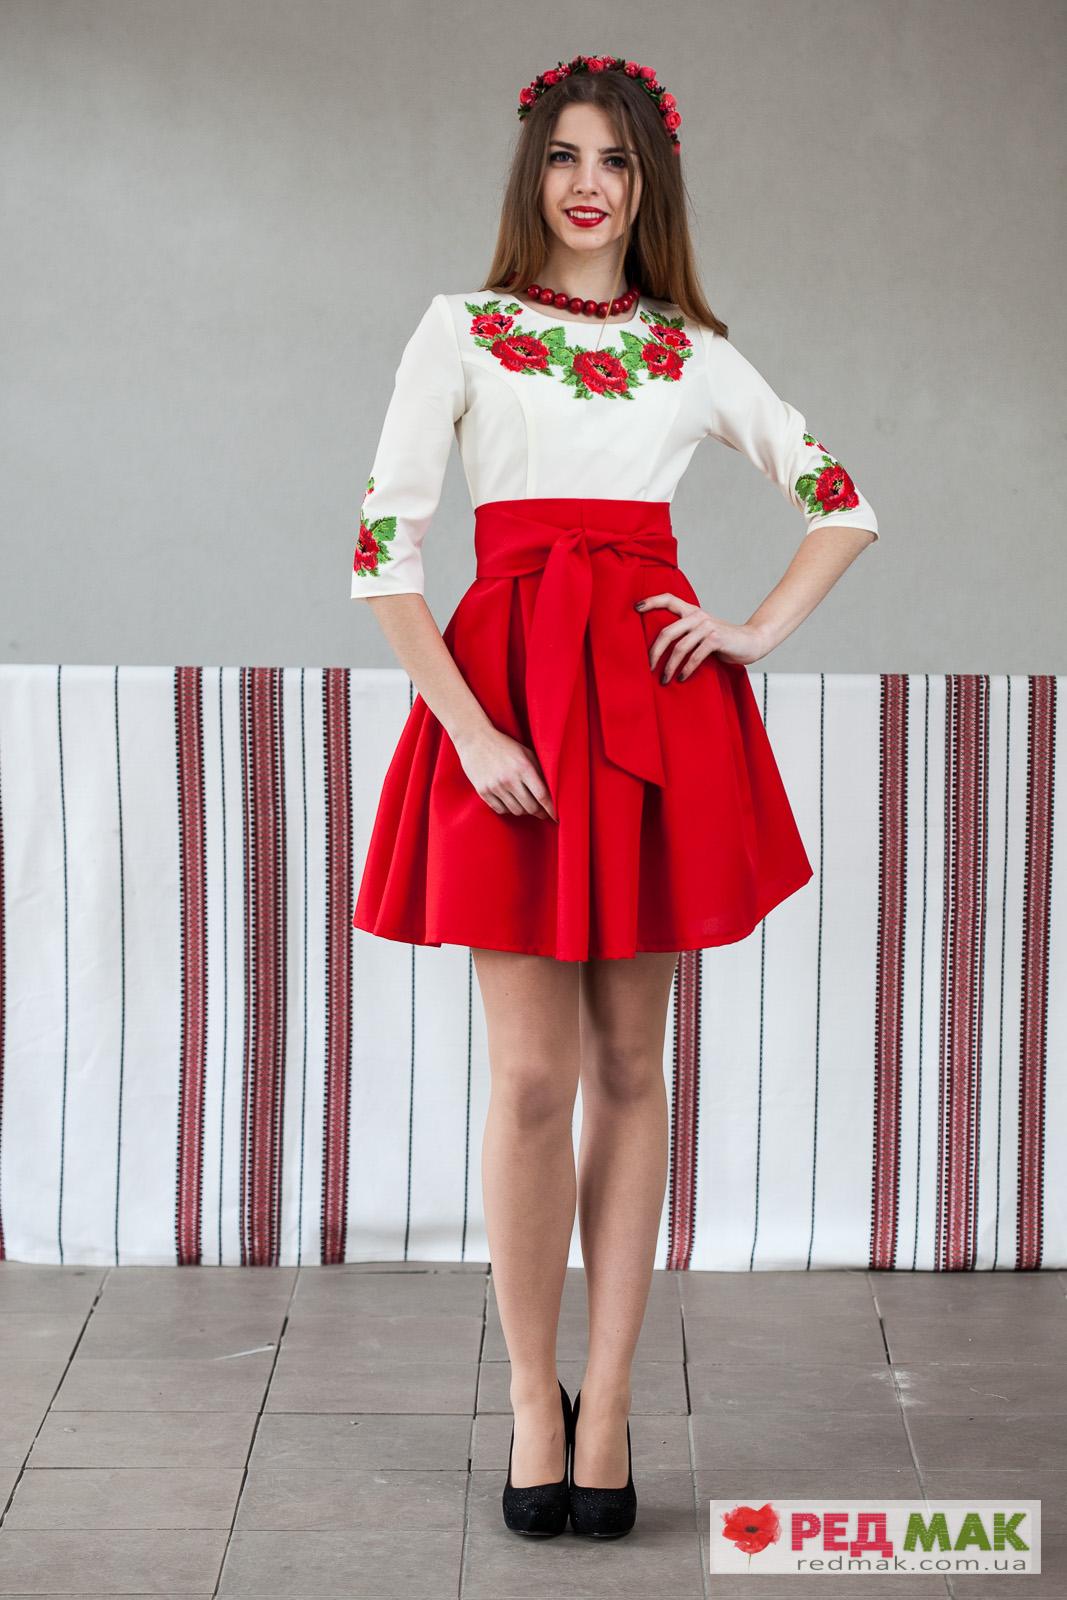 9aba4a72da8117 Червоне плаття з кишенями і вишитими трояндами